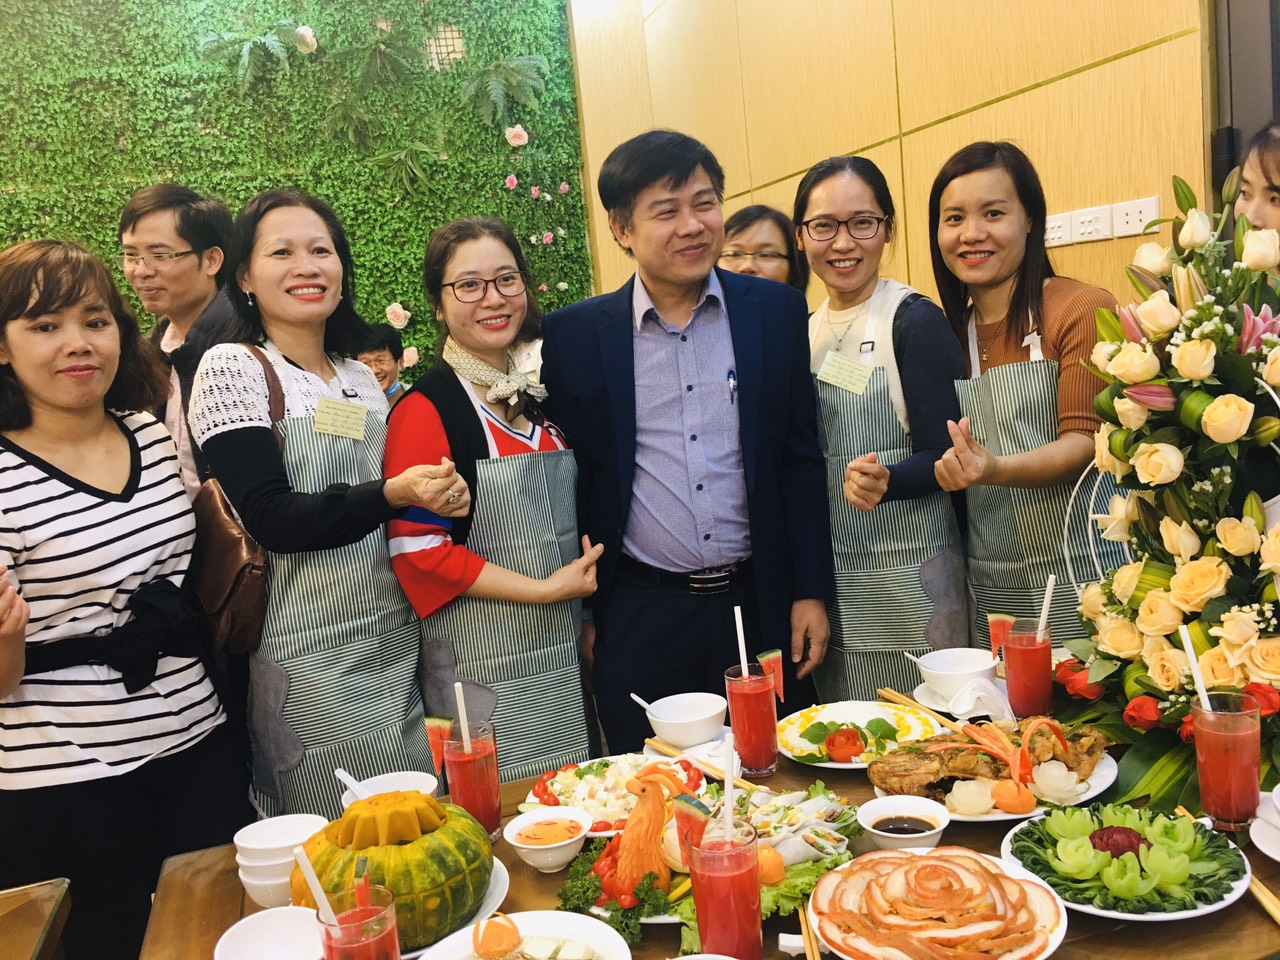 Đội tuyển liên quân Khoa công nghệ ô tô – Cơ khí đạt giải khuyến khích tại Hội thi nấu ăn và cắm hoa chào mừng Ngày thành lập Hội Liên hiệp Phụ nữ Việt Nam 20/10